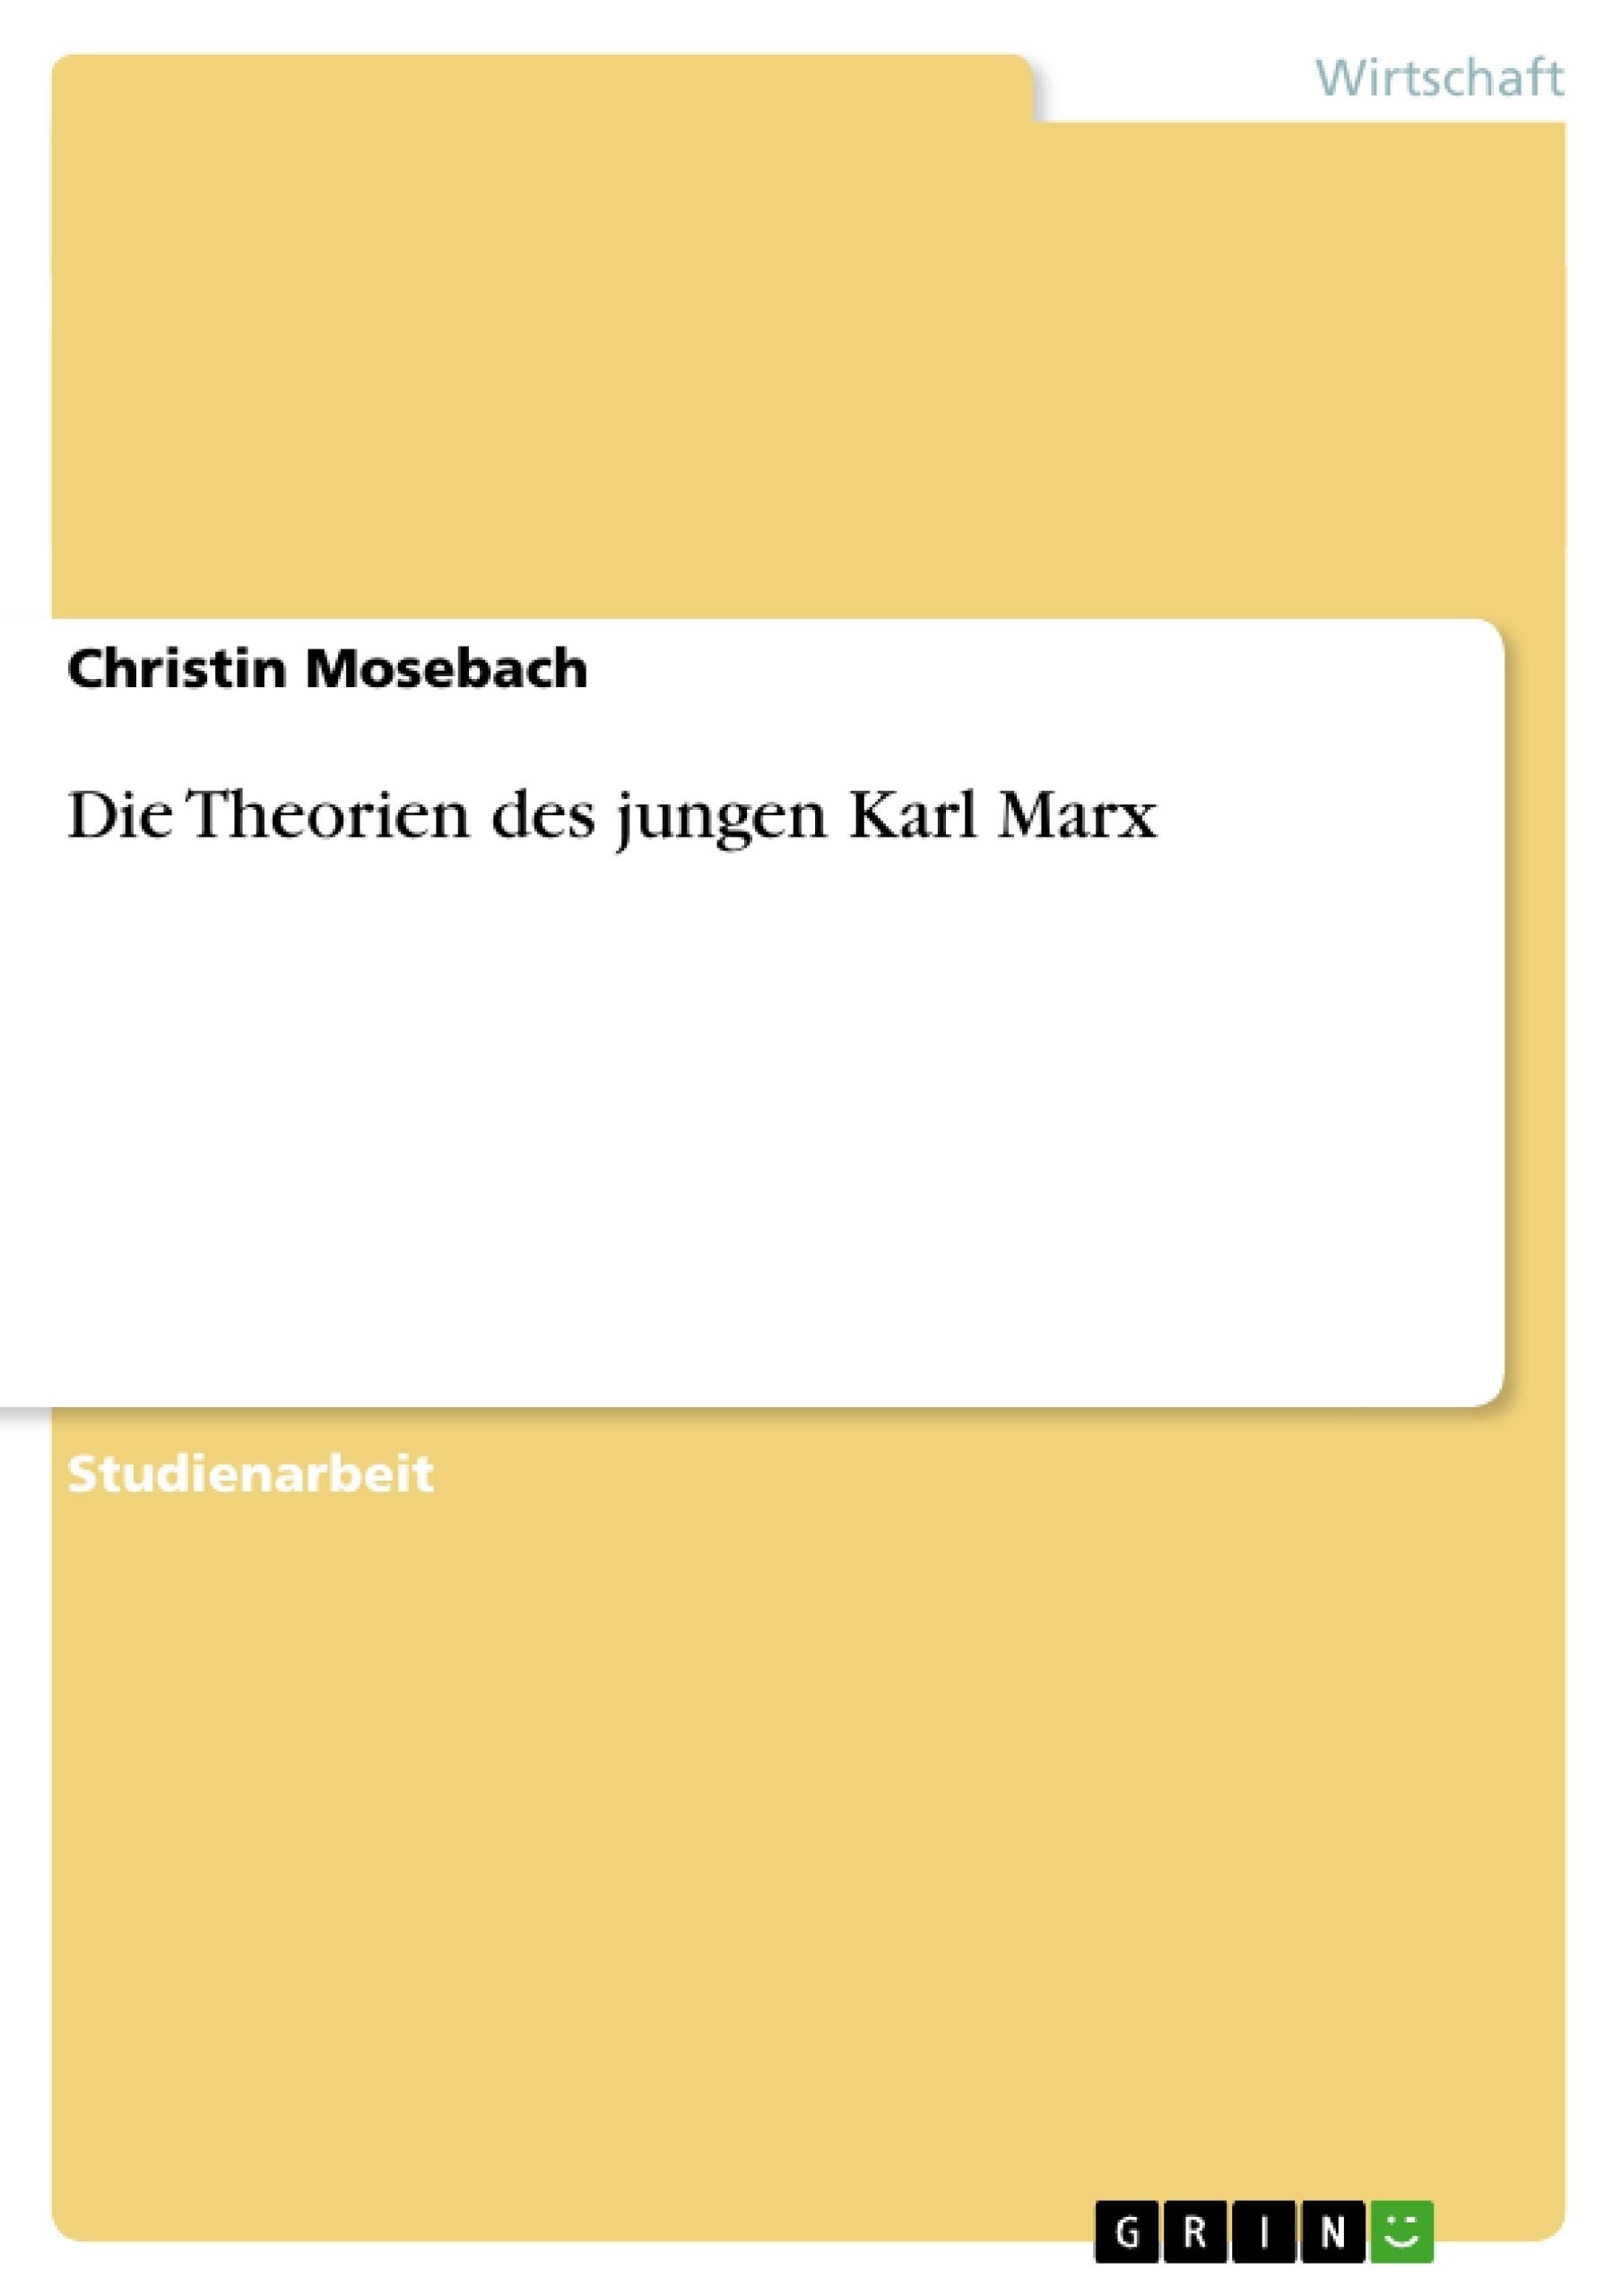 Titel: Die Theorien des jungen Karl Marx